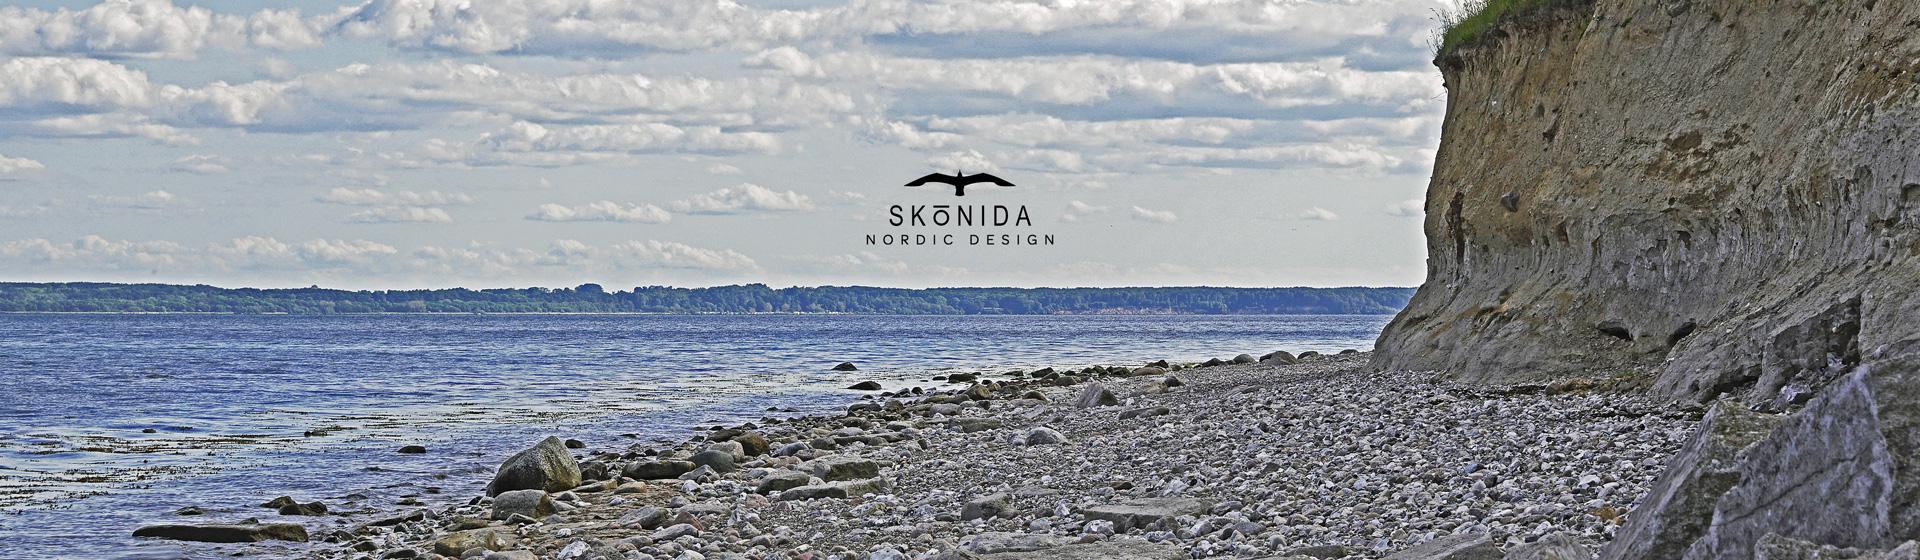 SKONIDA Nordic Design Jewellery and Accessoires maritim fuer was wir stehen